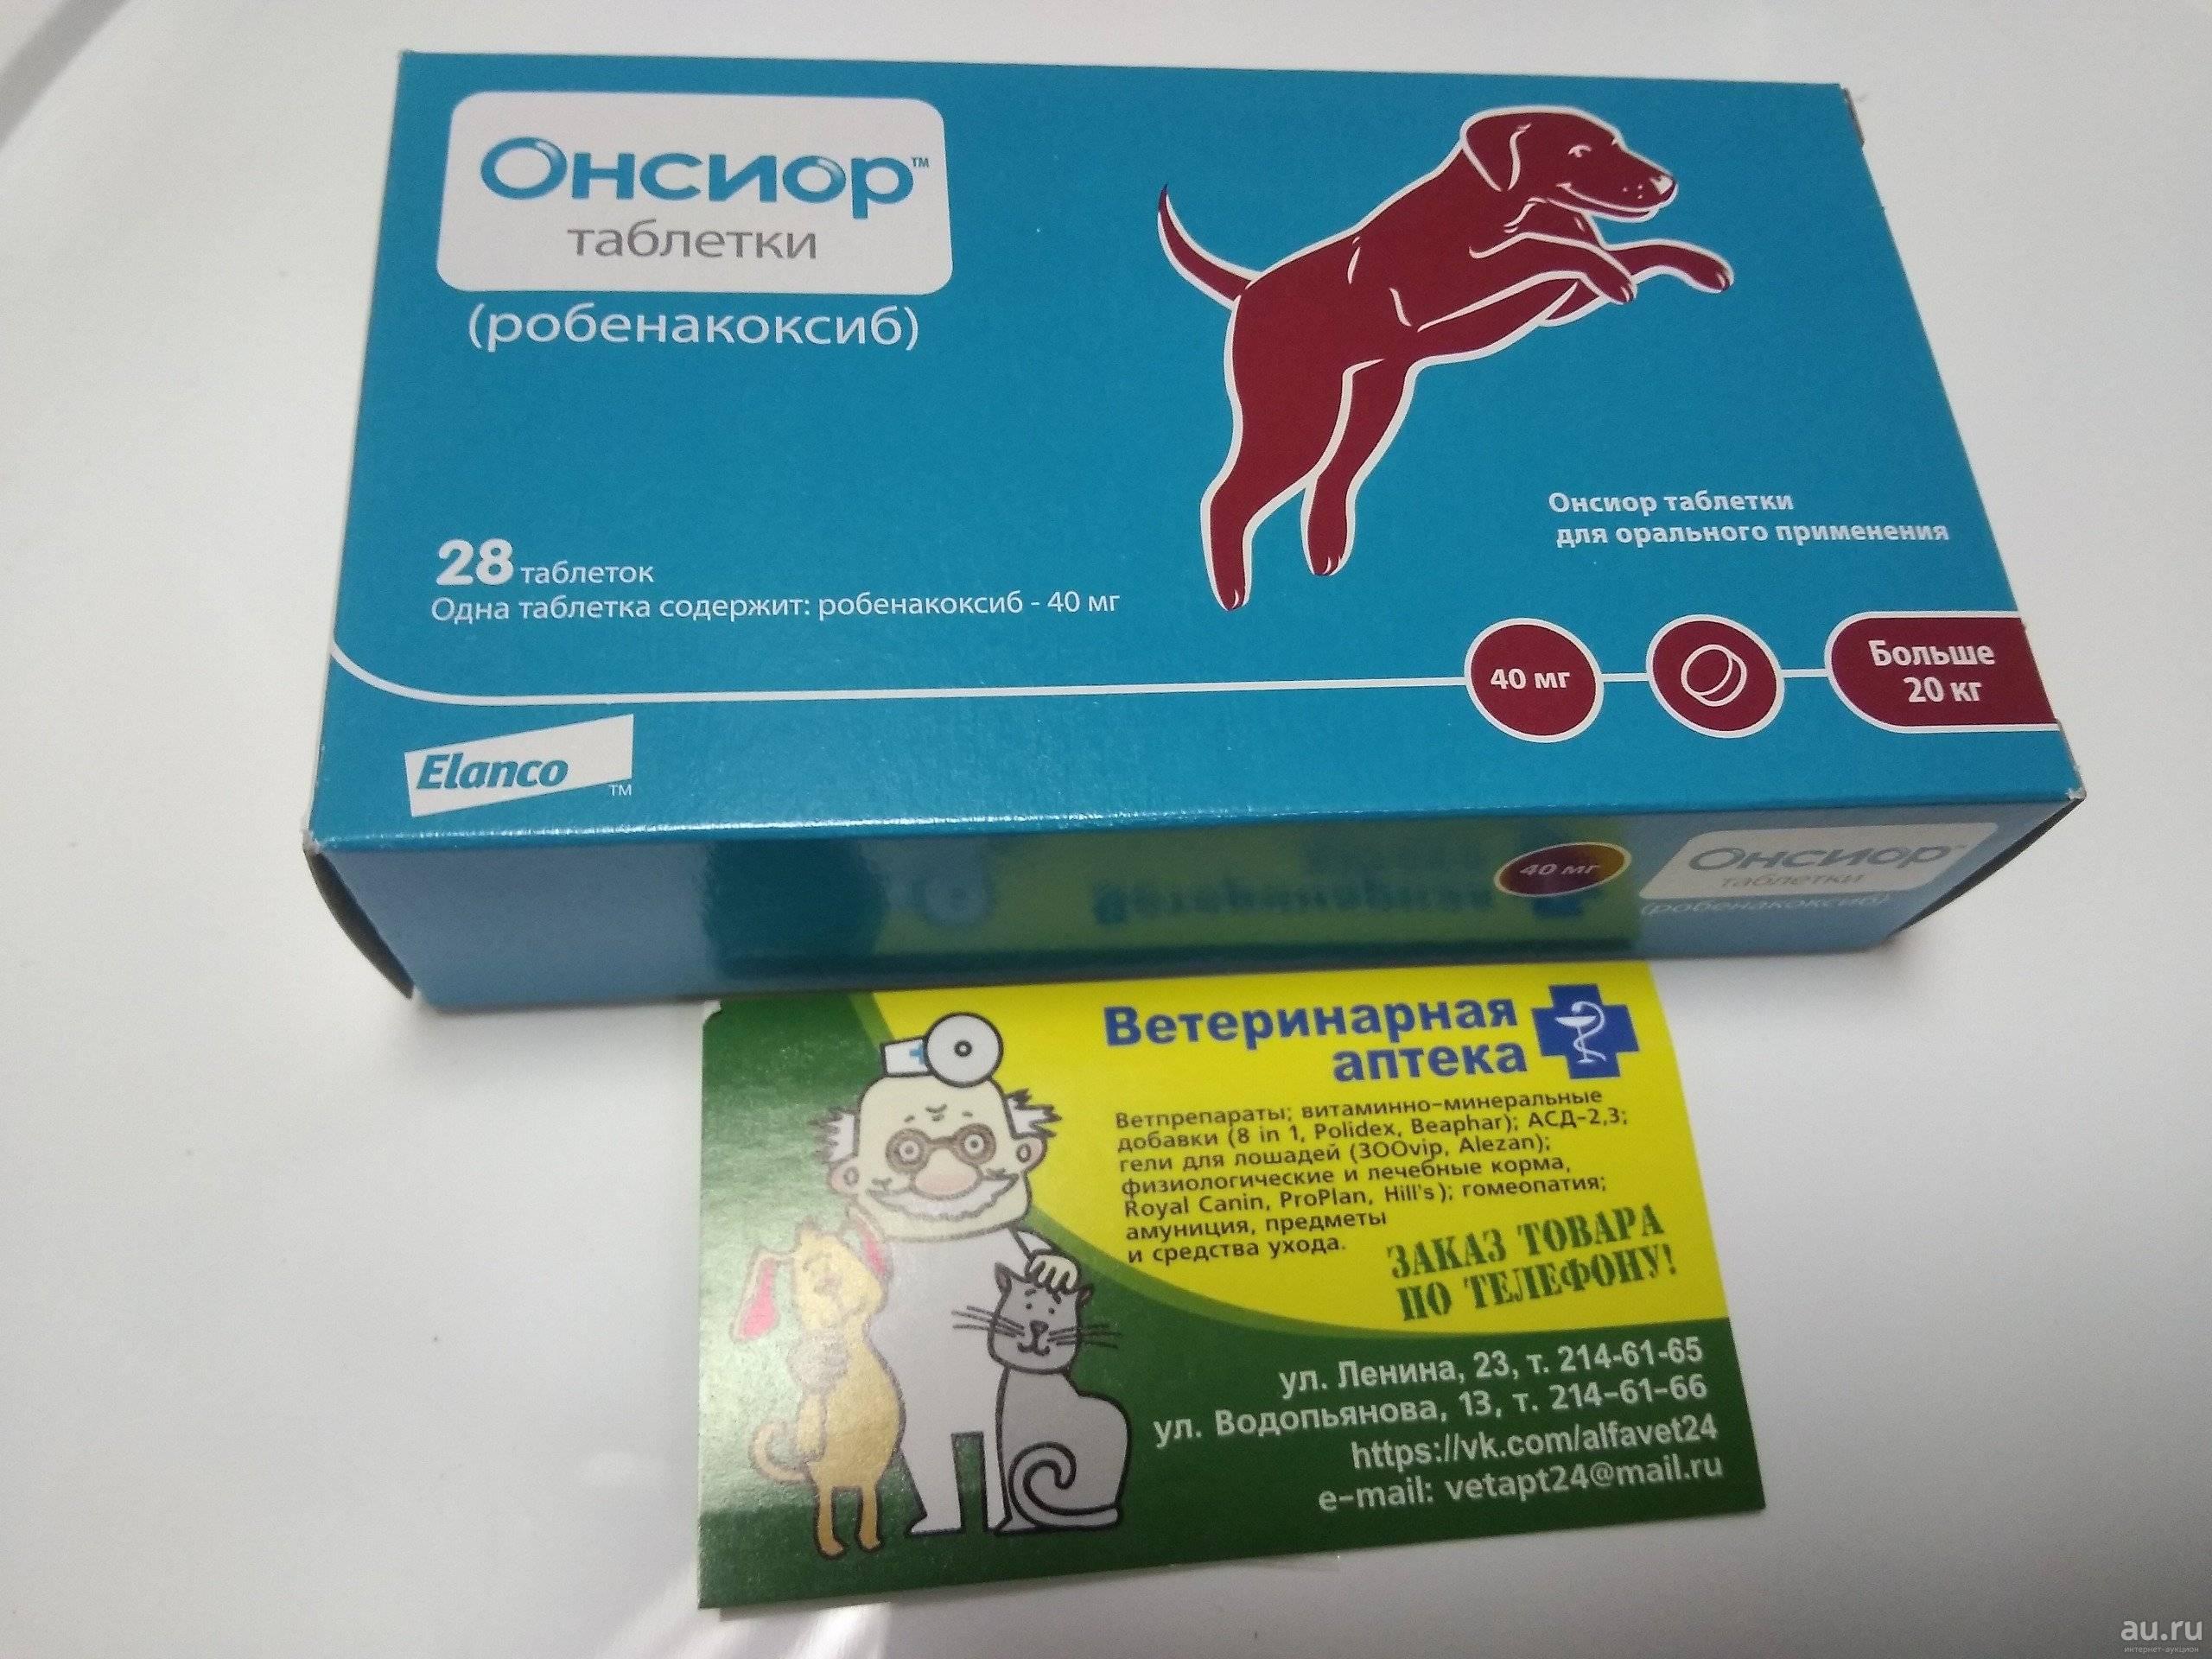 Противовоспалительный и болеутоляющий препарат для собак и кошек elanco онсиор для инъекций 20 мл, для инъекций